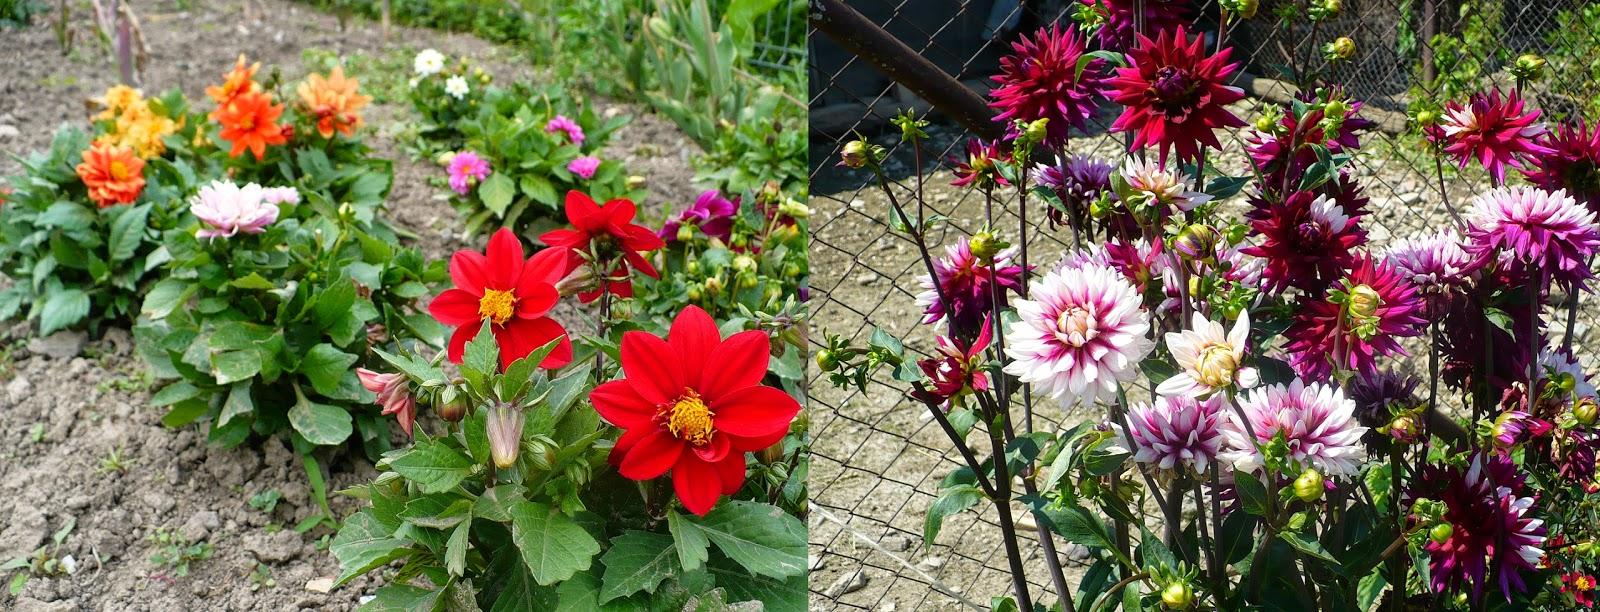 10 Flori De Gradina Care Infloresc Toata Vara